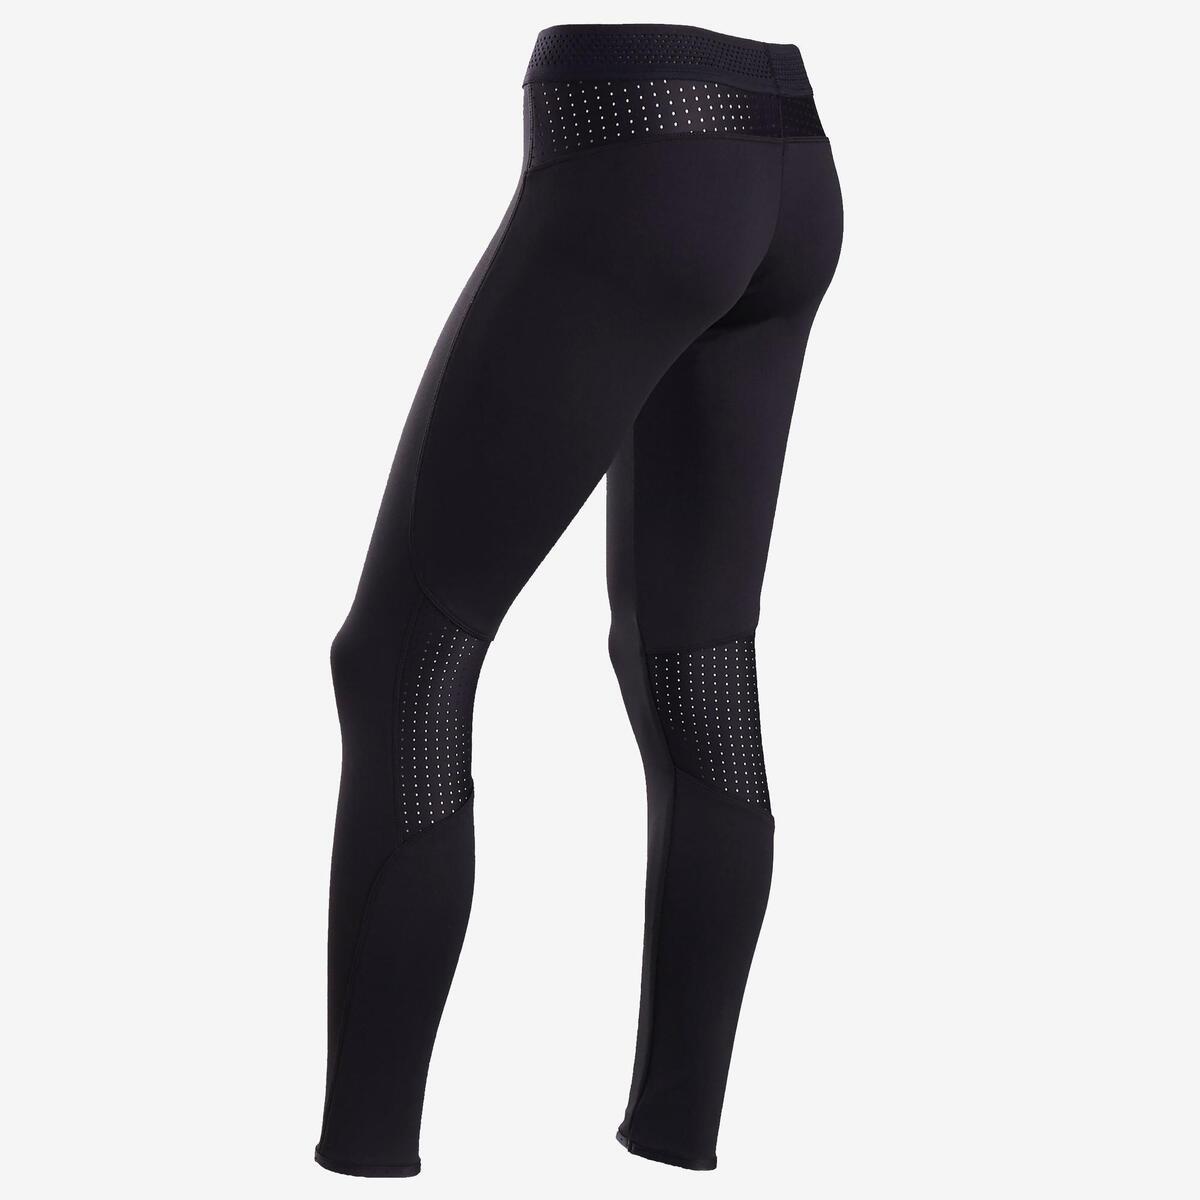 Bild 2 von Leggings warm atmungsaktiv S900 Gym Kinder schwarz, Innenseite grau